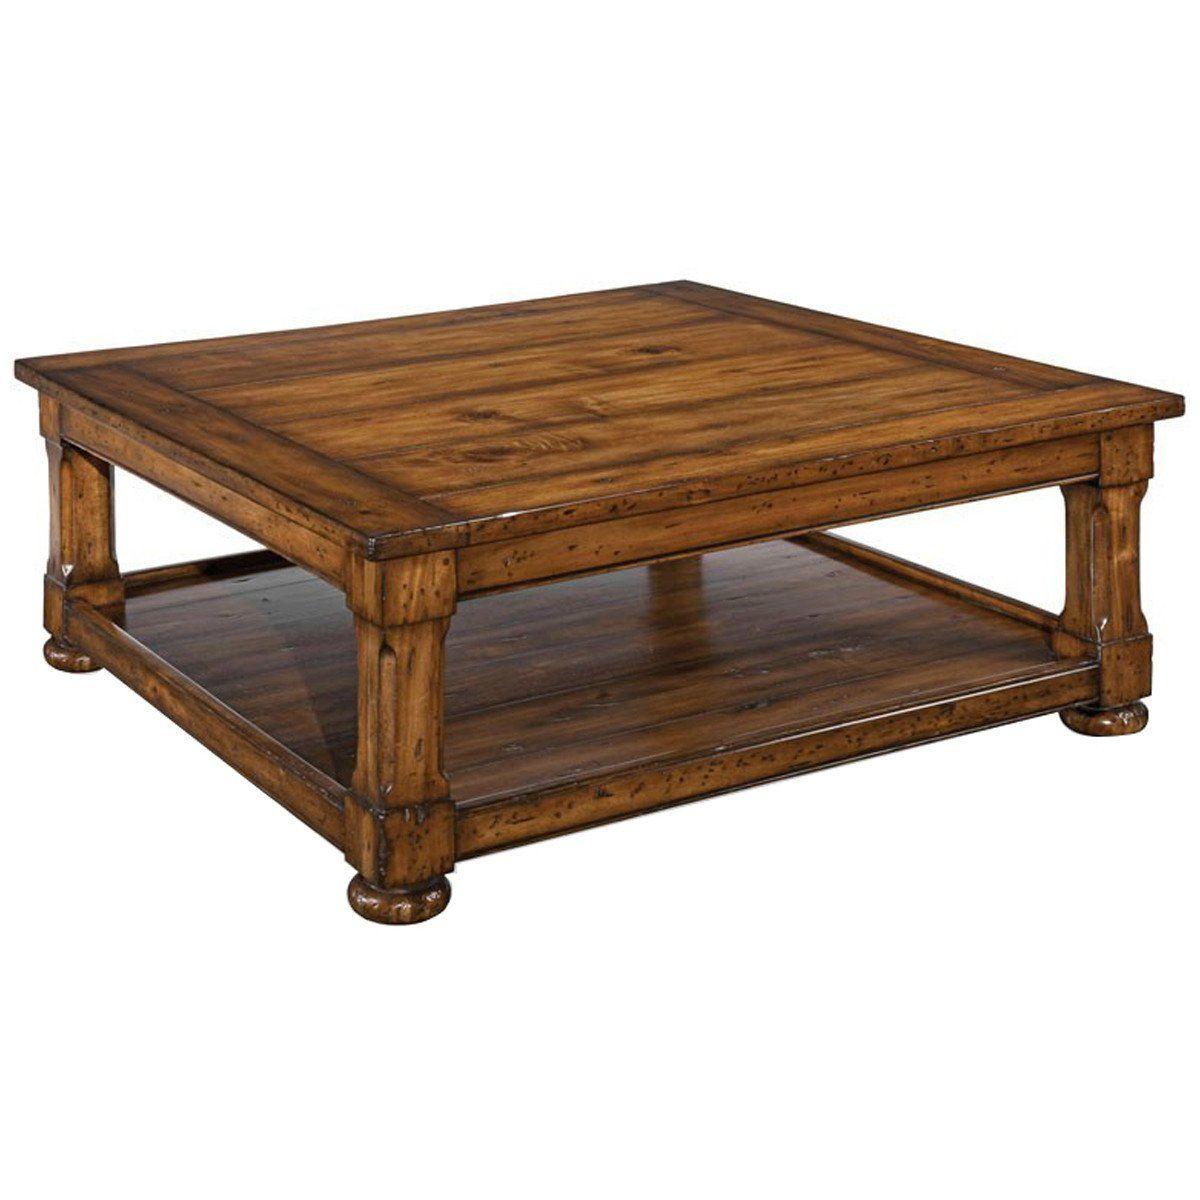 Woodbridge Furniture Tudor Tail Table Large Square